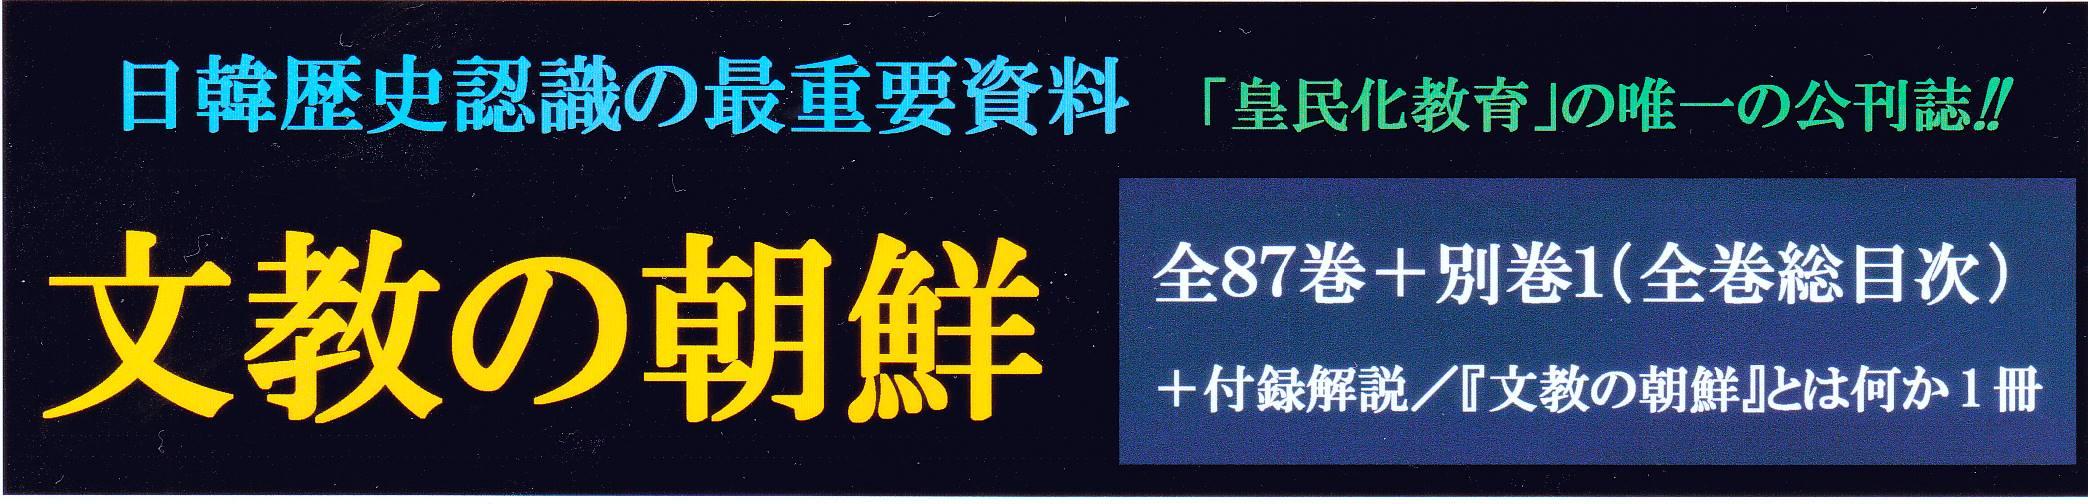 文教朝鮮HPロゴ